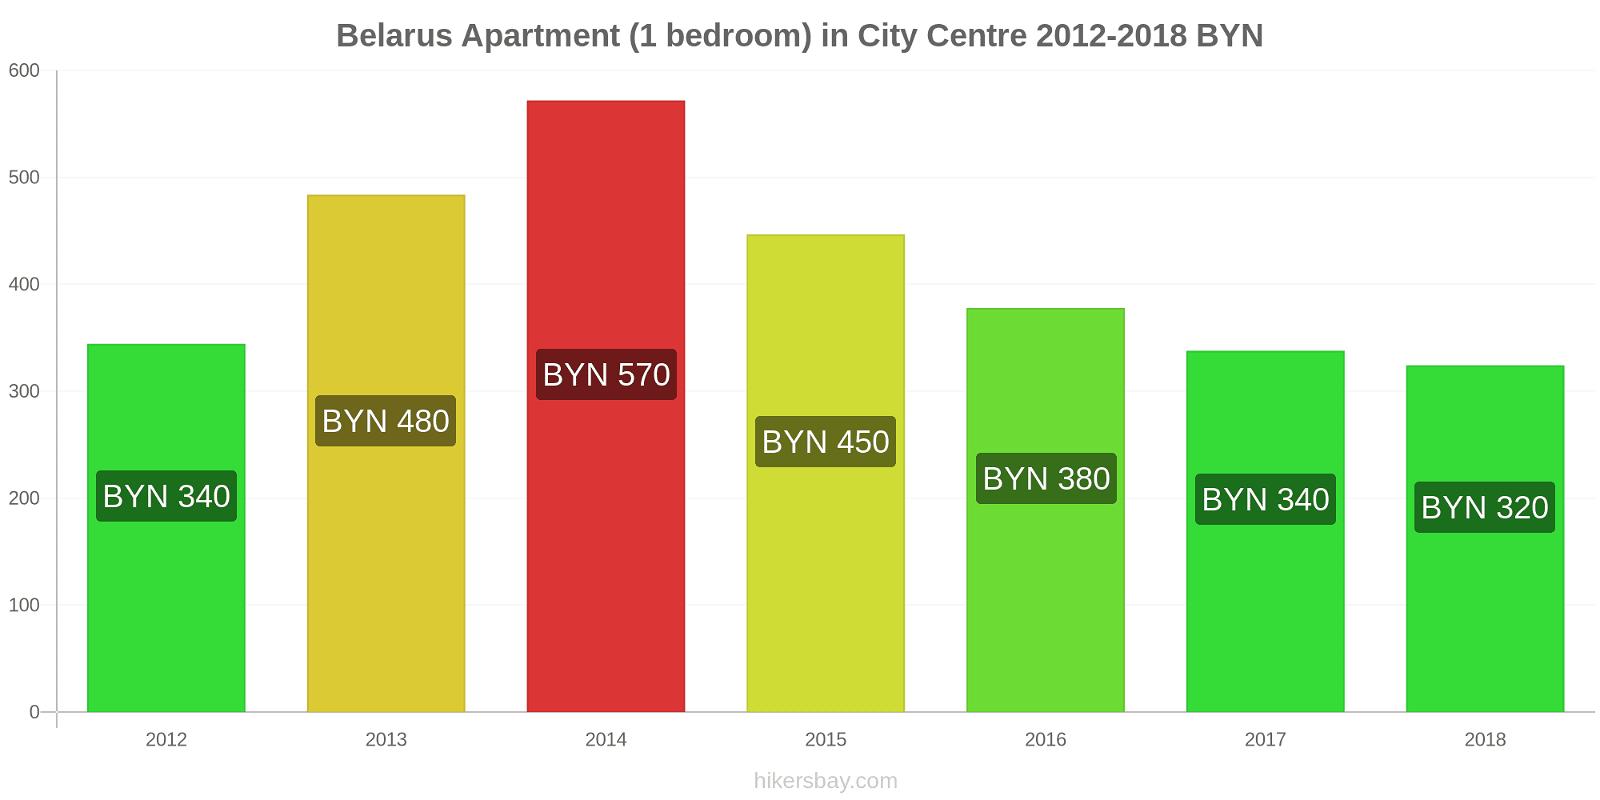 Belarus price changes Apartment (1 bedroom) in City Centre hikersbay.com